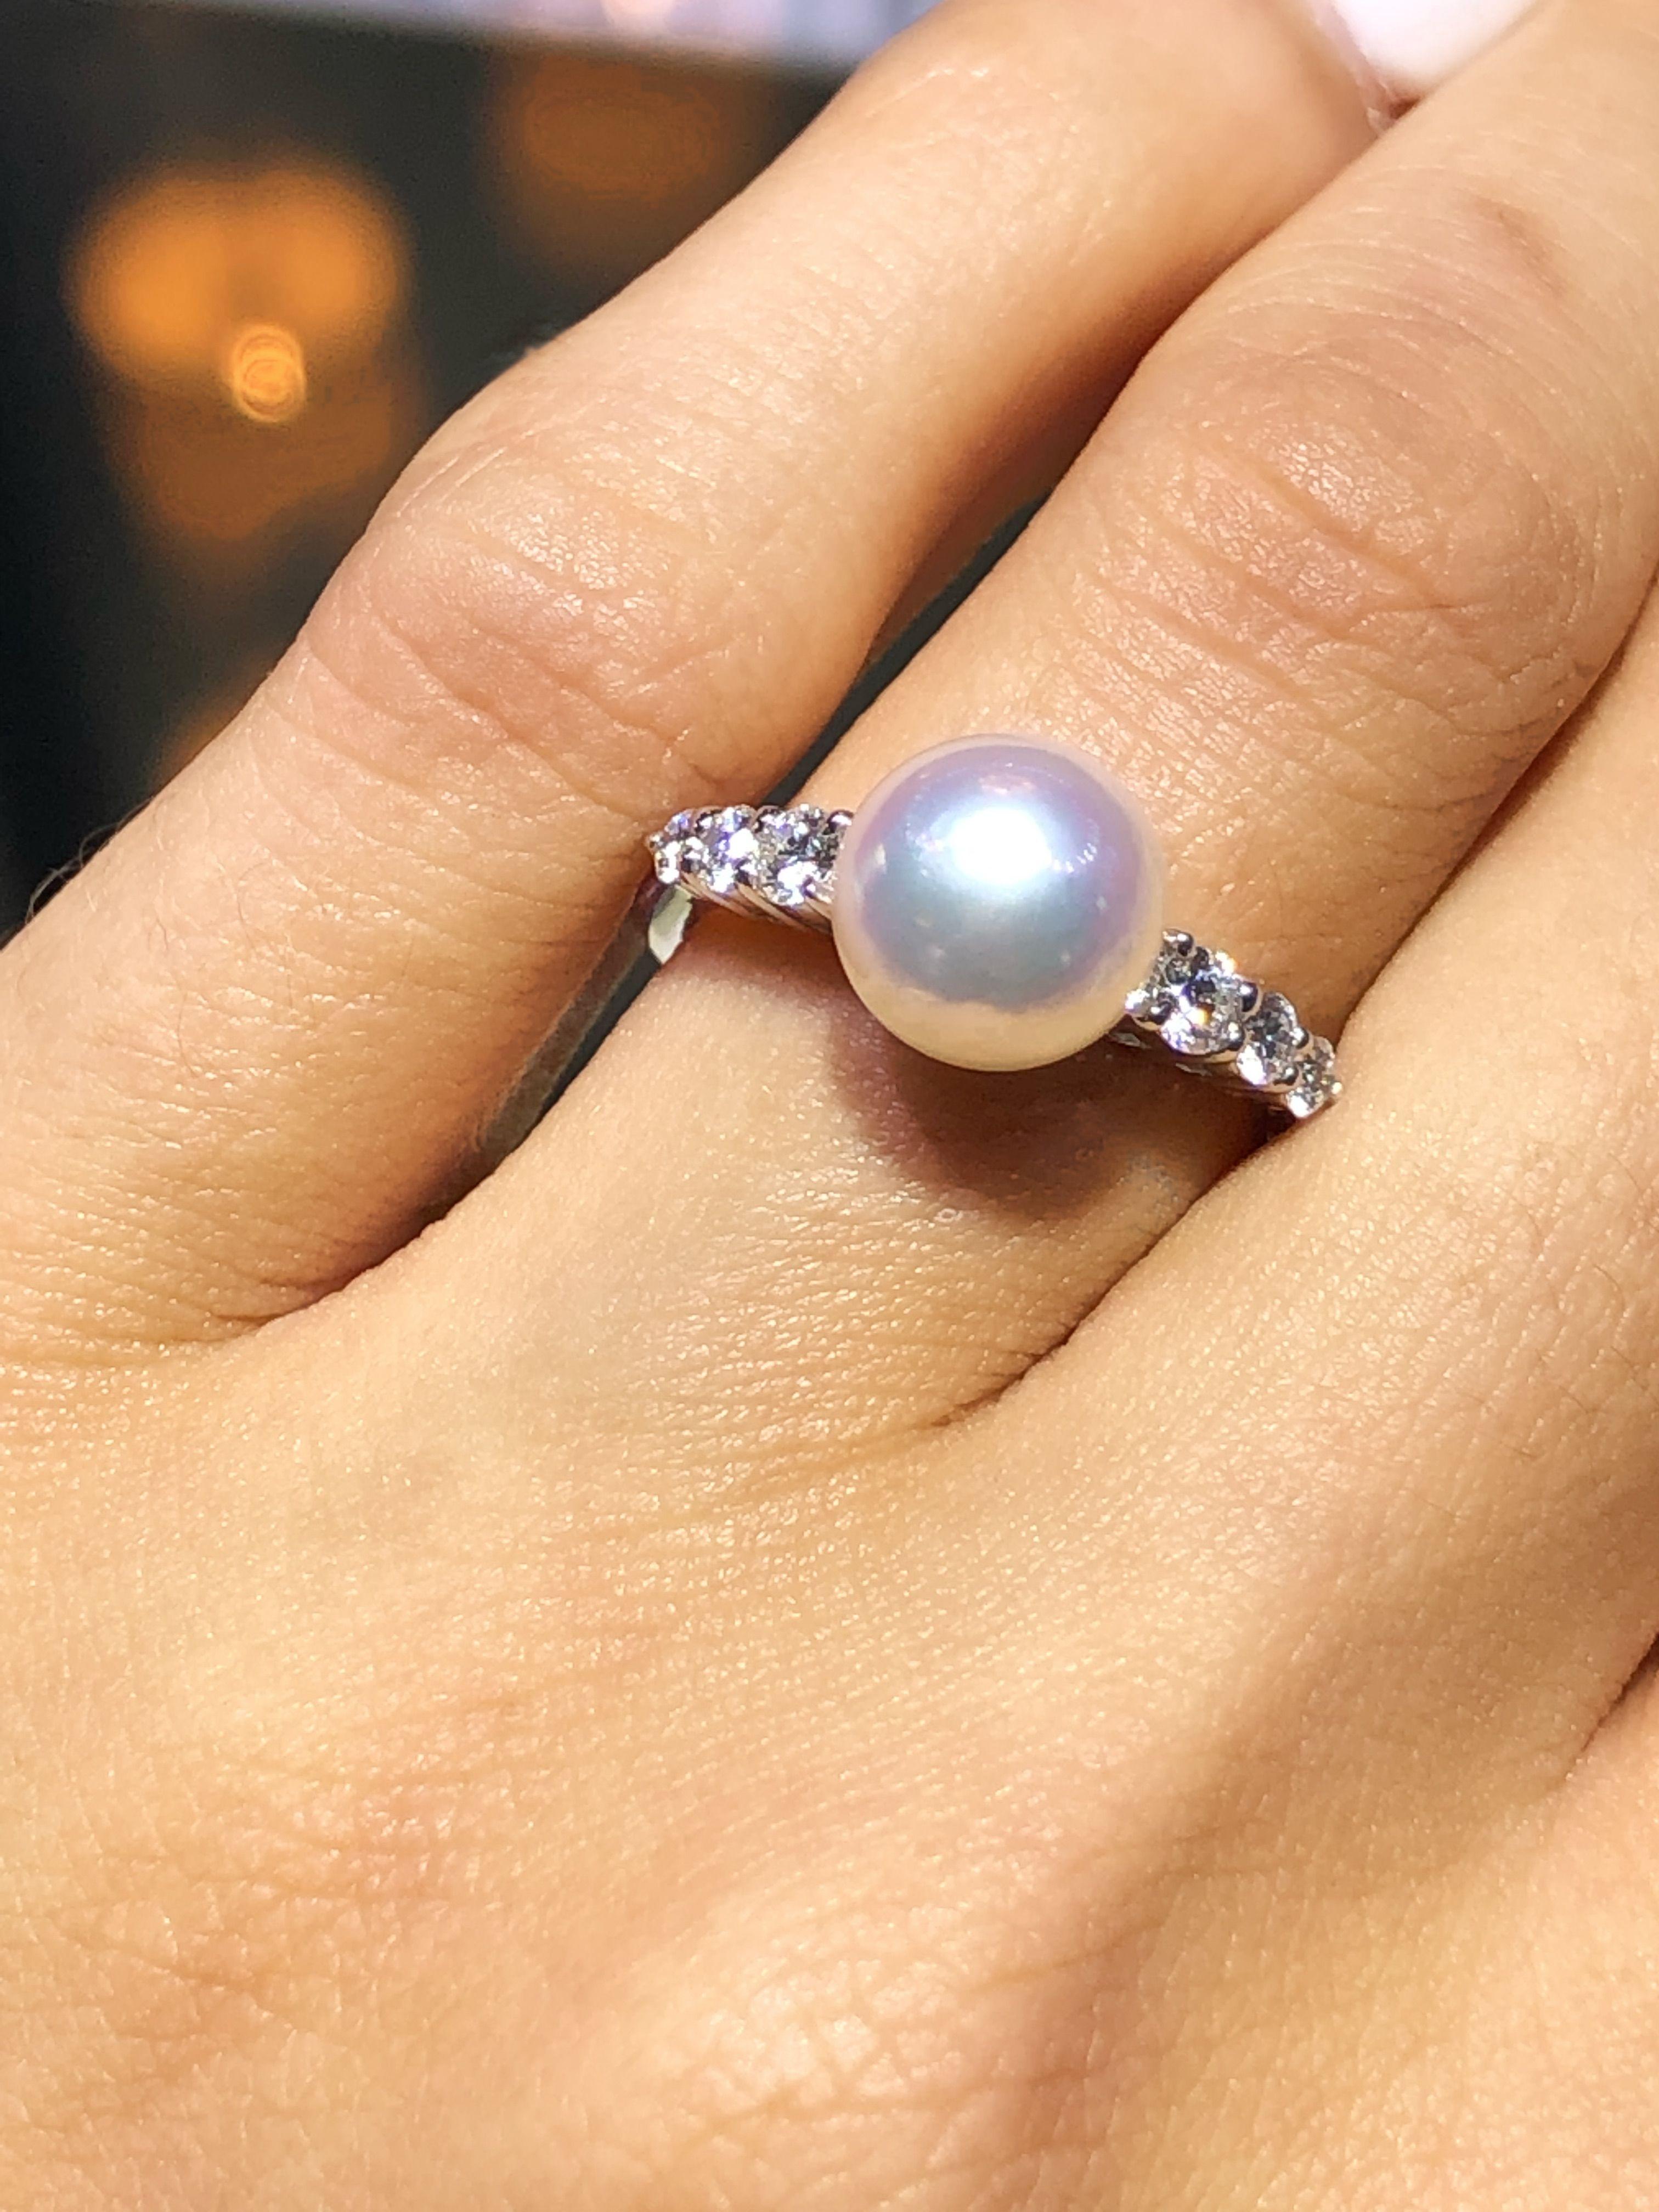 gyöngy gyűrűk a péniszhez)